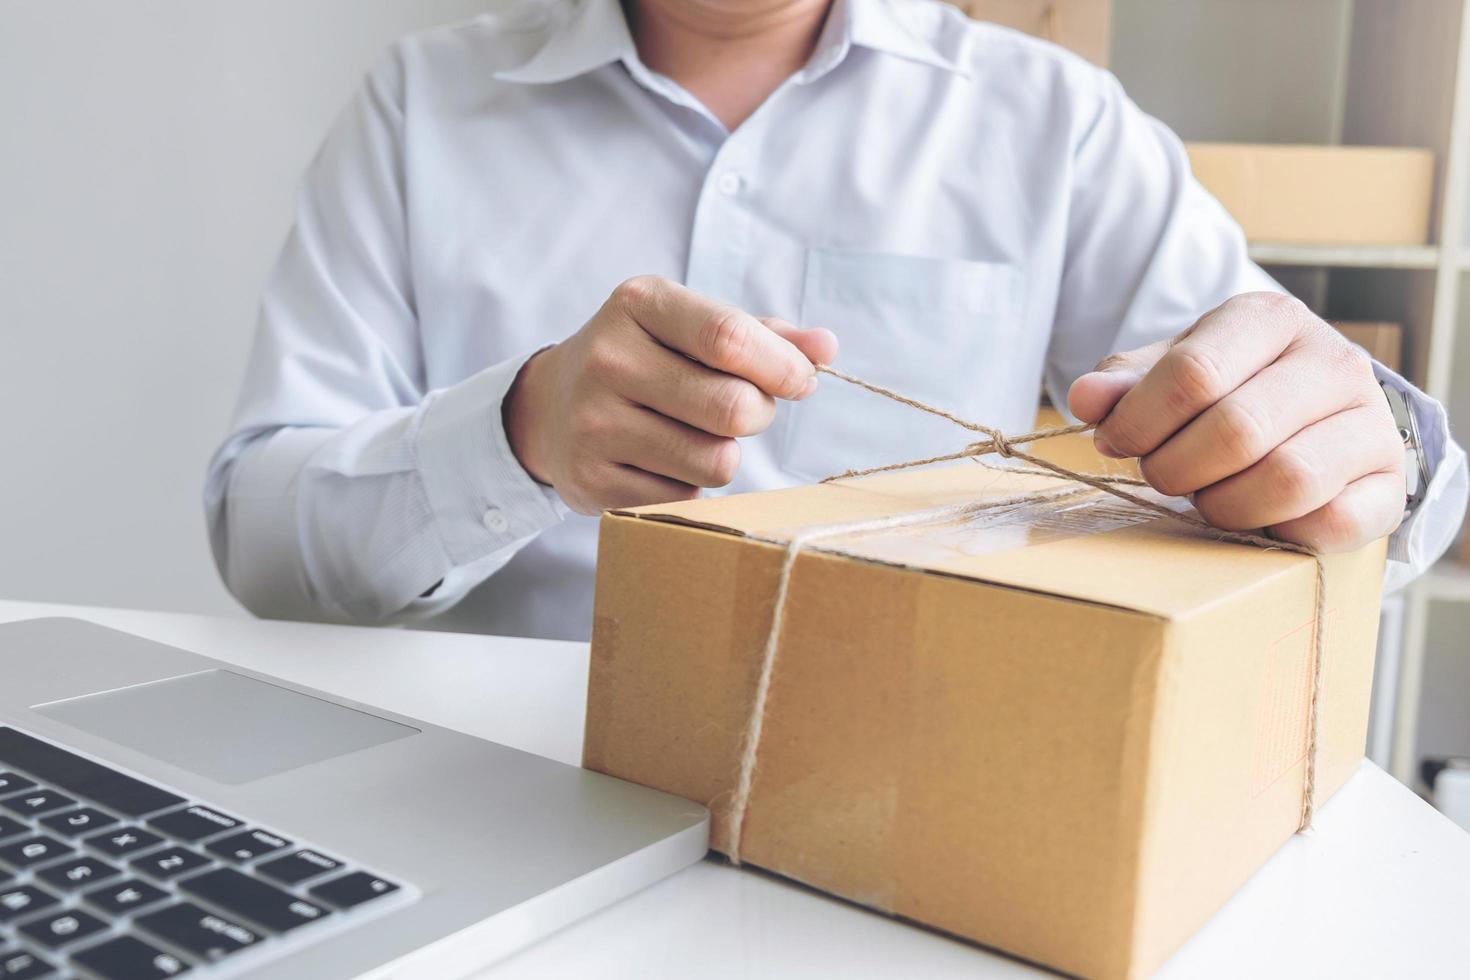 jonge verkoper die het te verzenden pakket voorbereidt foto